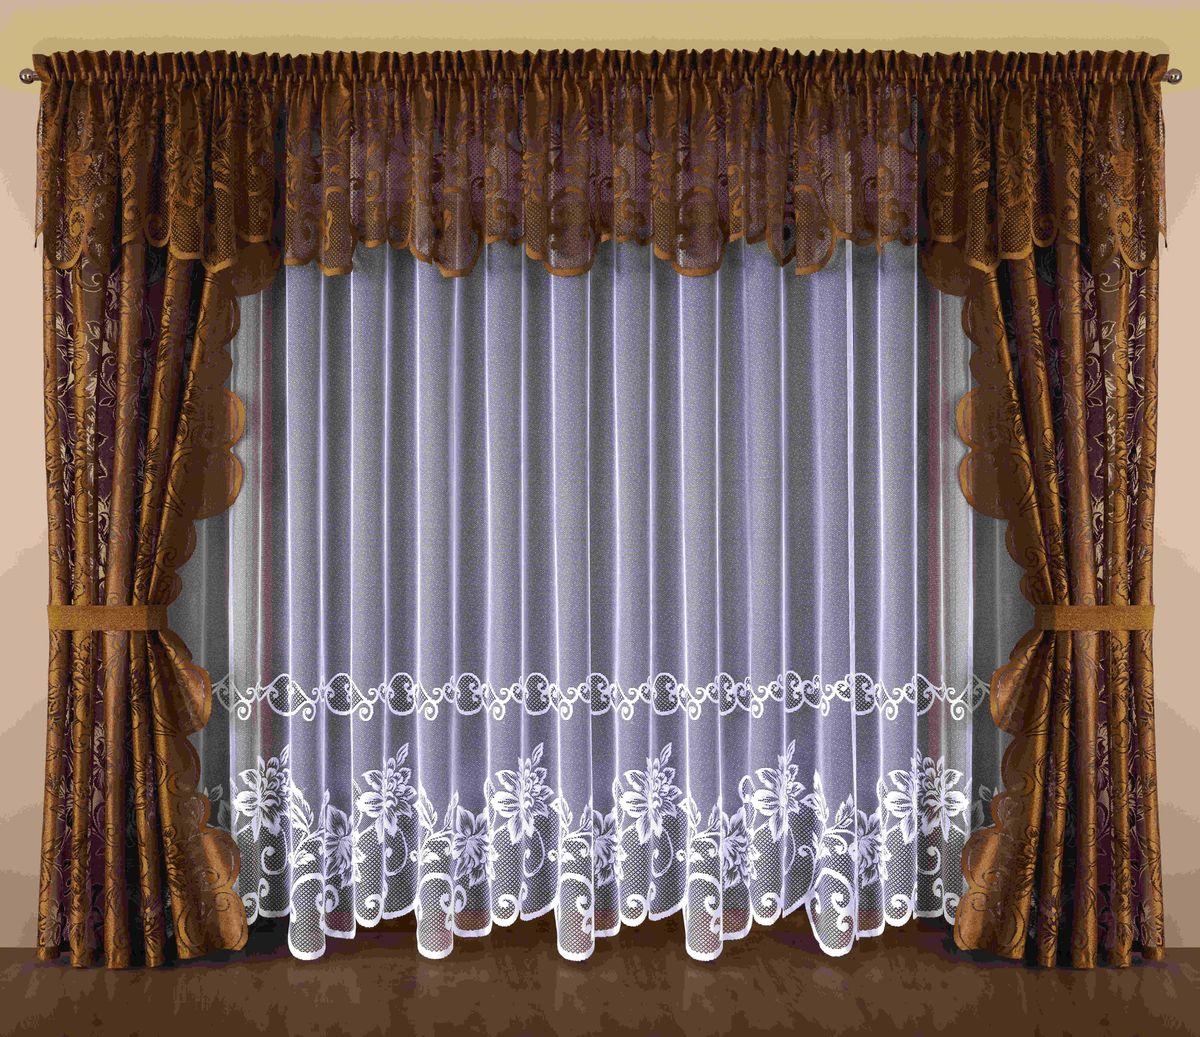 Комплект штор Wisan Kalista, на ленте, цвет: белый, коричневый, высота 250 см193WКомплект штор Wisan Kalista выполненный из полиэстера, великолепно украсит любое окно. В комплект входят 2 шторы, тюль, ламбрекен и 2 подхвата.Интересный крой и цветочный узор придают комплекту особый стиль и шарм. Тонкое плетение, нежная цветовая гамма и роскошное исполнение - все это делает шторы Wisan Kalista замечательным дополнением интерьера помещения.Комплект оснащен шторной лентой для красивой сборки. В комплект входит: Штора - 2 шт. Размер (ШхВ): 145 см х 250 см. Тюль - 1 шт. Размер (ШхВ): 500 см х 250 см. Ламбрекен - 1 шт. Размер (ШхВ): 500 см х 70 см. Подхват - 2 шт.Фирма Wisan на польском рынке существует уже более пятидесяти лет и является одной из лучших польских фабрик по производству штор и тканей. Ассортимент фирмы представлен готовыми комплектами штор для гостиной, детской, кухни, а также текстилем для кухни (скатерти, салфетки, дорожки, кухонные занавески). Модельный ряд отличает оригинальный дизайн, высокое качество. Ассортимент продукции постоянно пополняется.